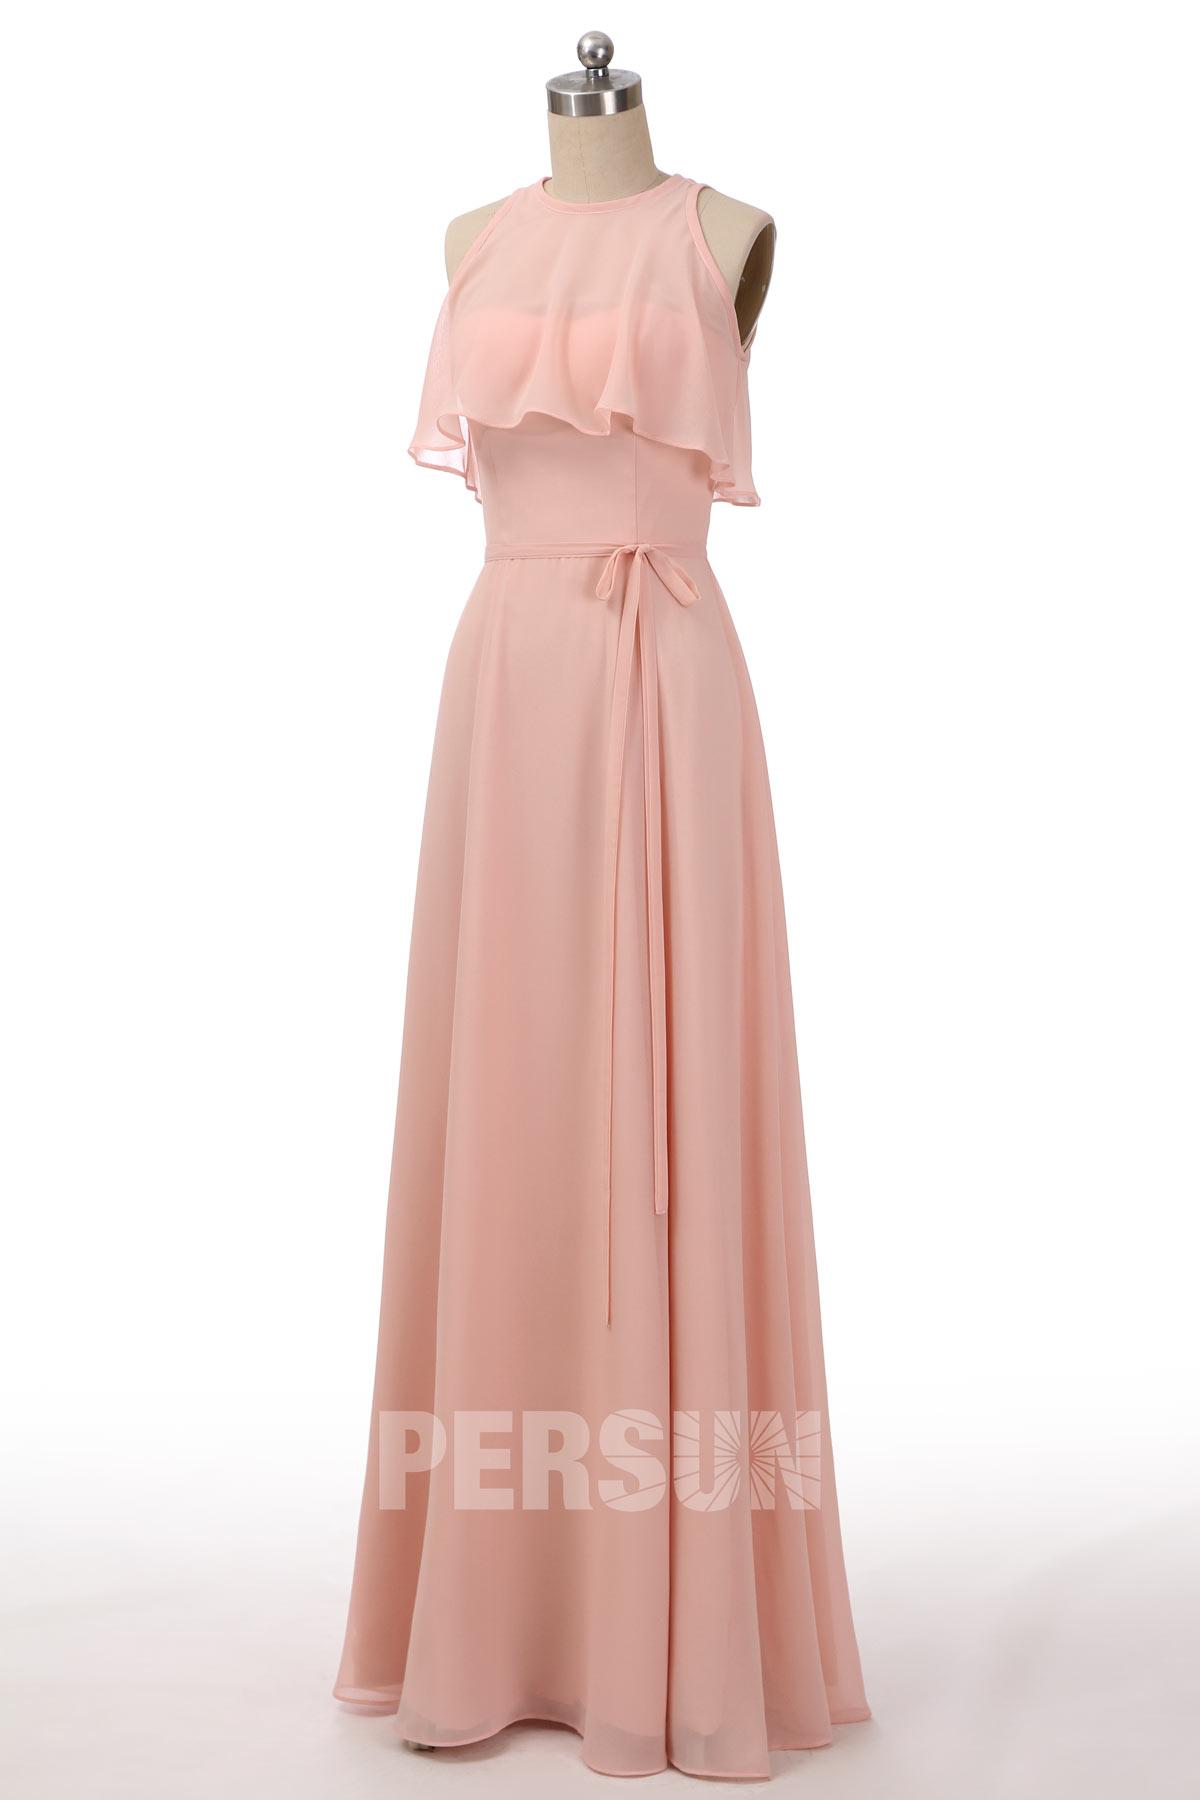 robe demoiselle d'honneur rose perle longue à haut volants